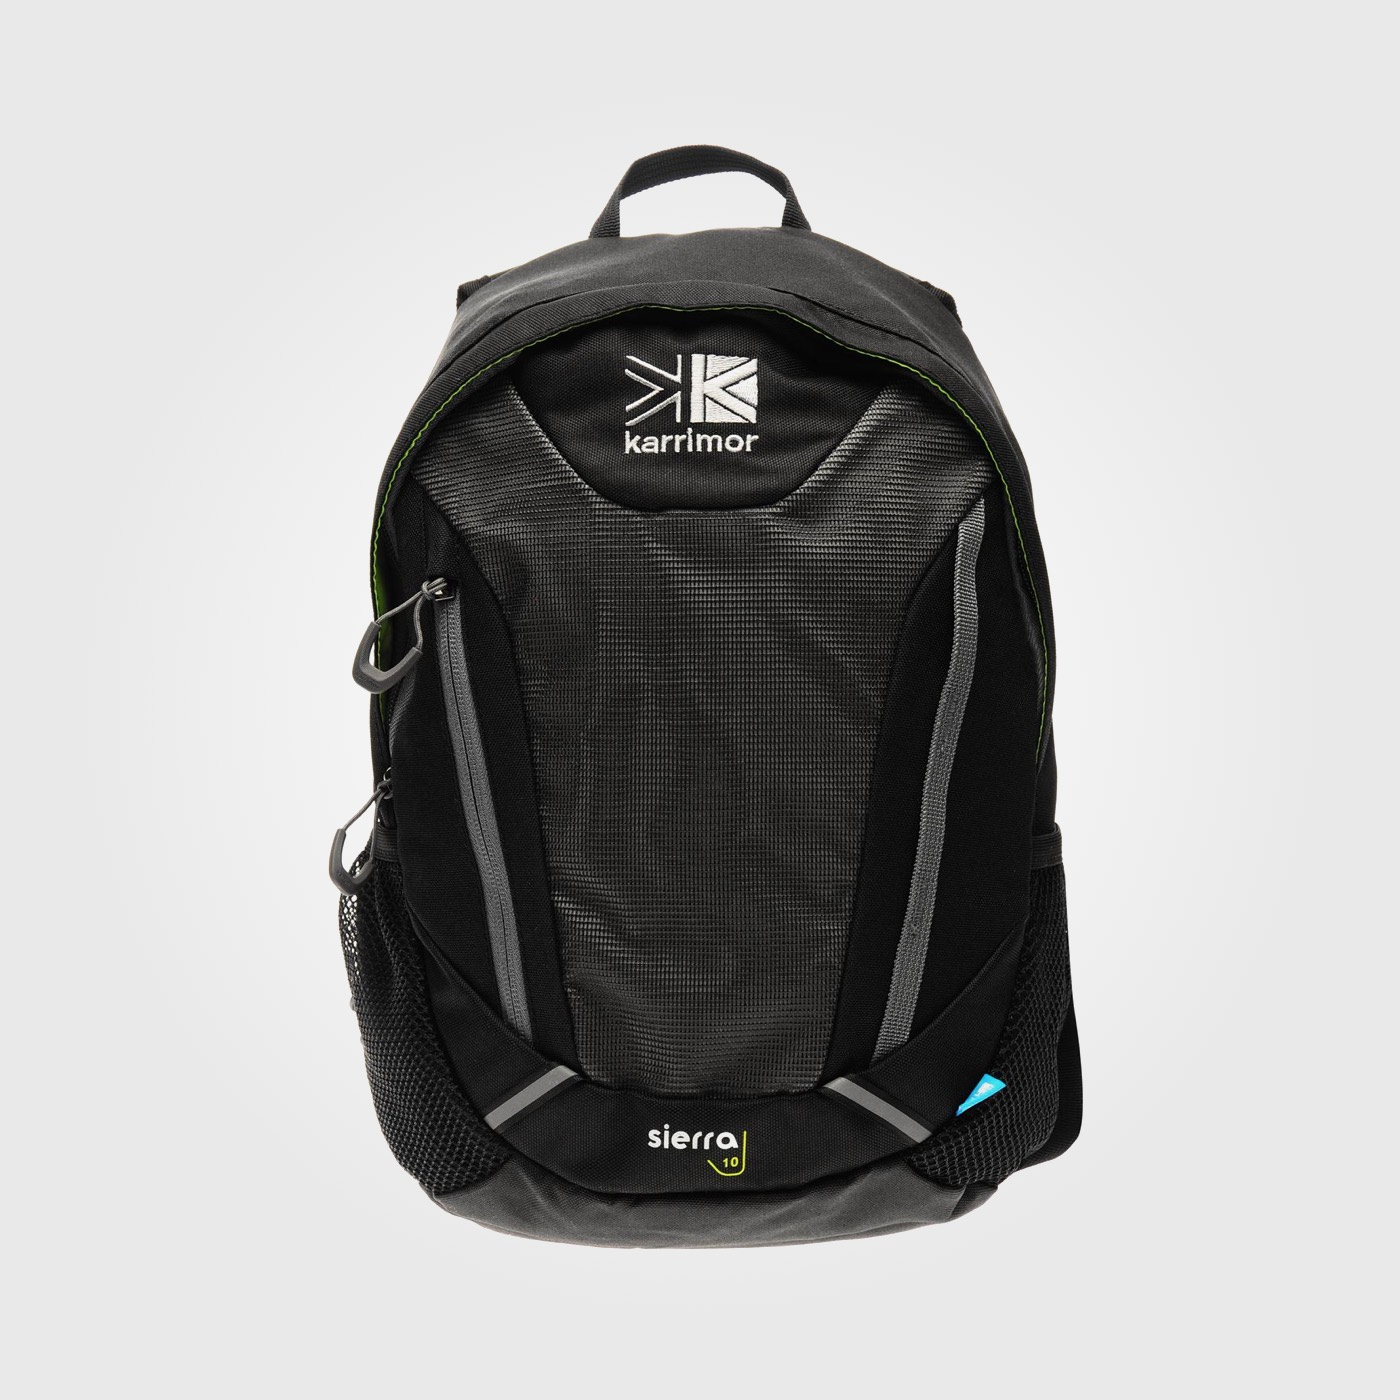 Рюкзак Karrimor Sierra 10 Ruc 00 Dk Reflective